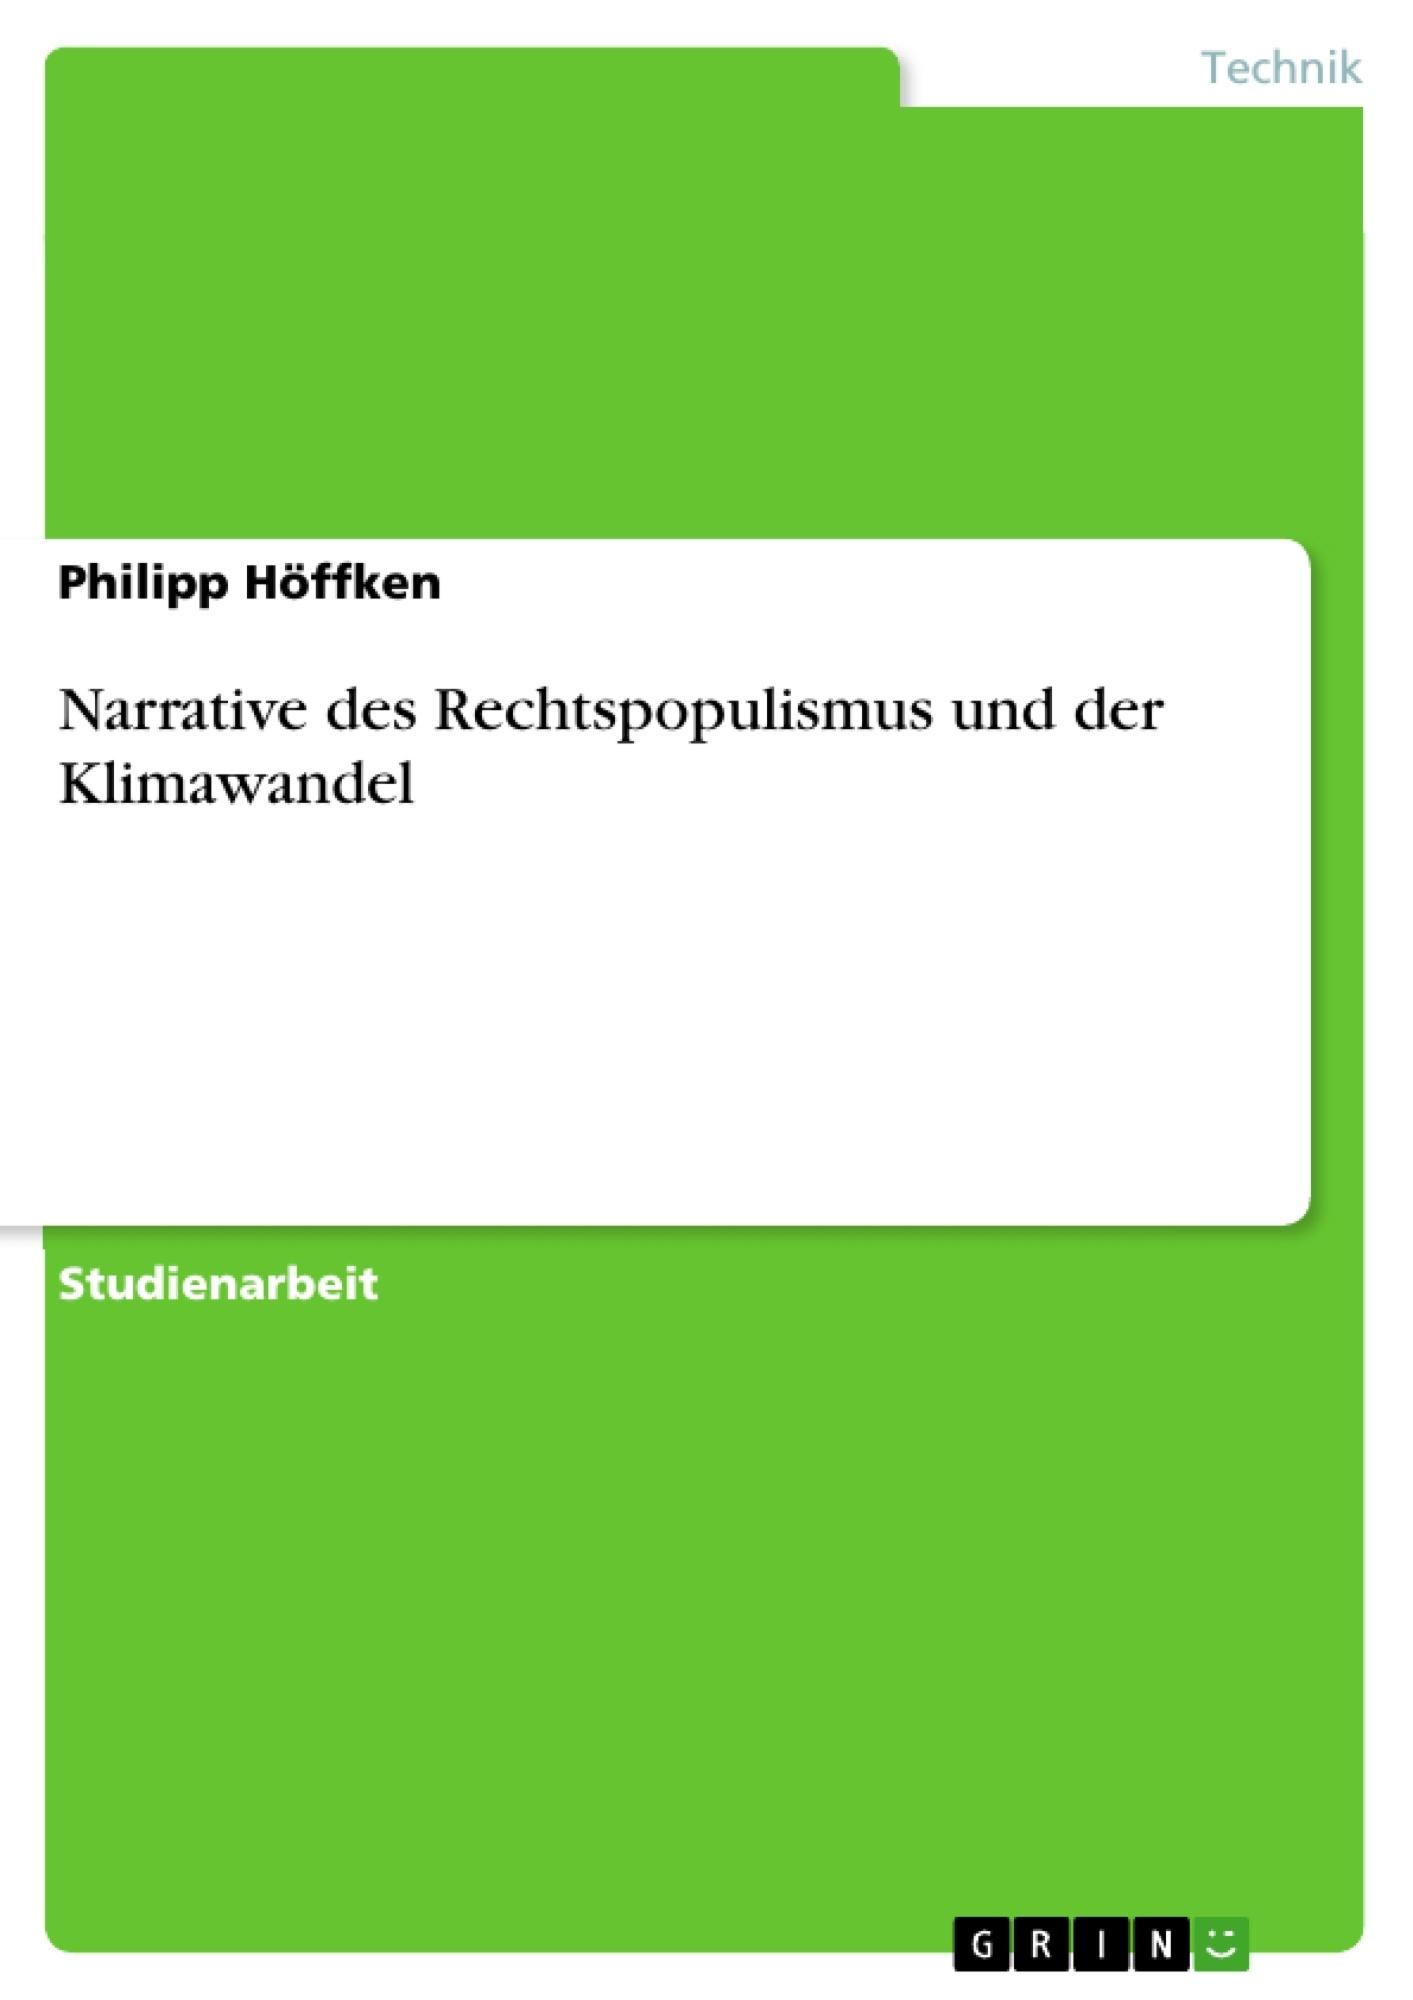 Titel: Narrative des Rechtspopulismus und der Klimawandel